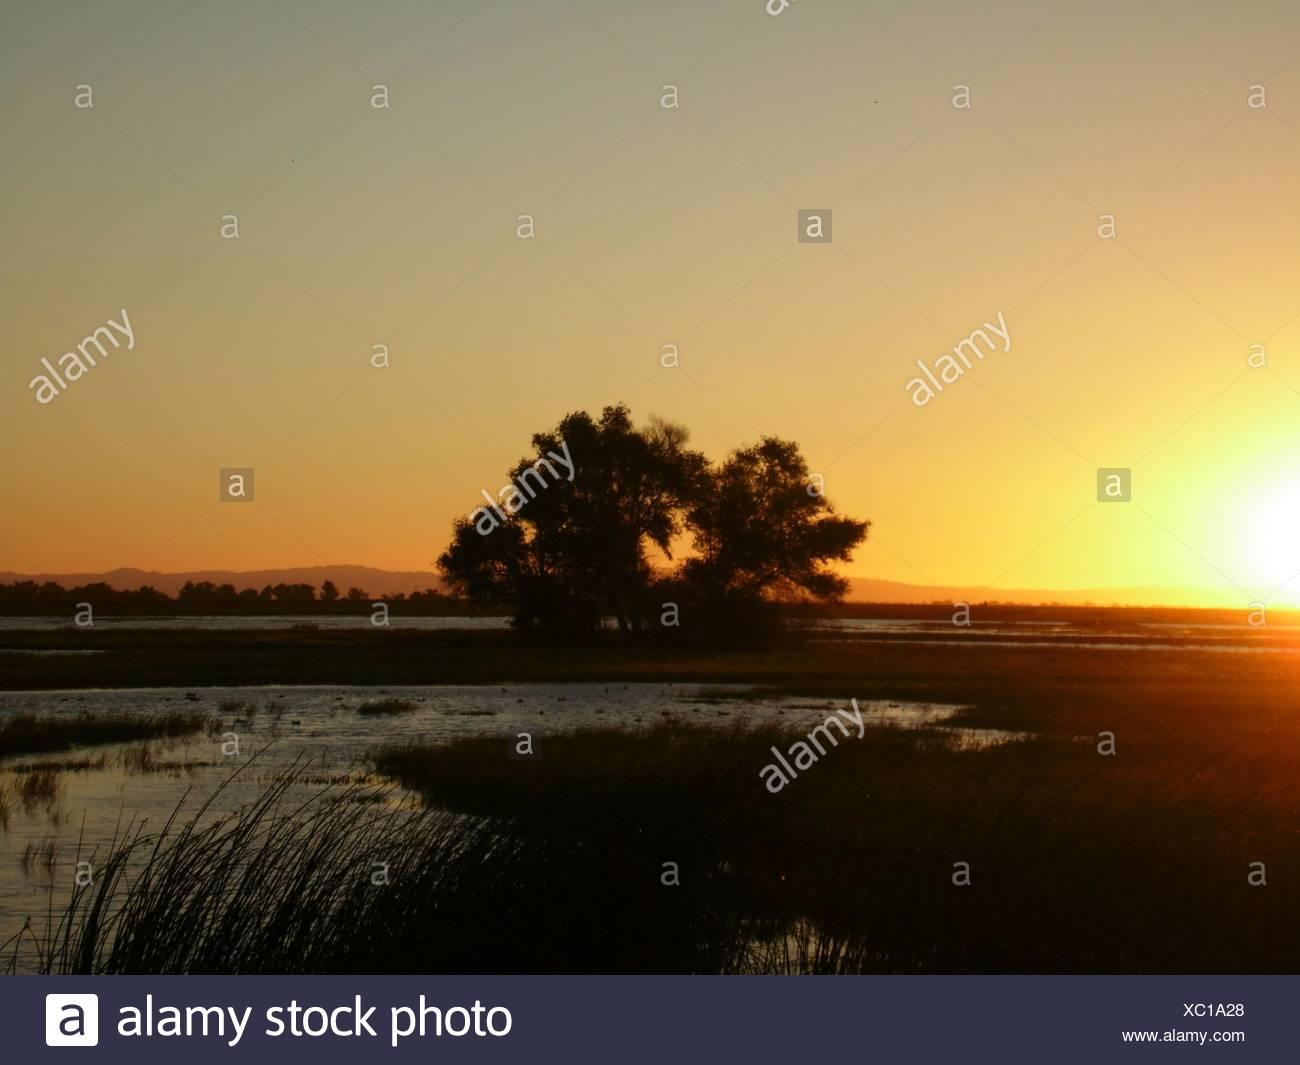 Árboles en campo contra el cielo del atardecer Foto de stock